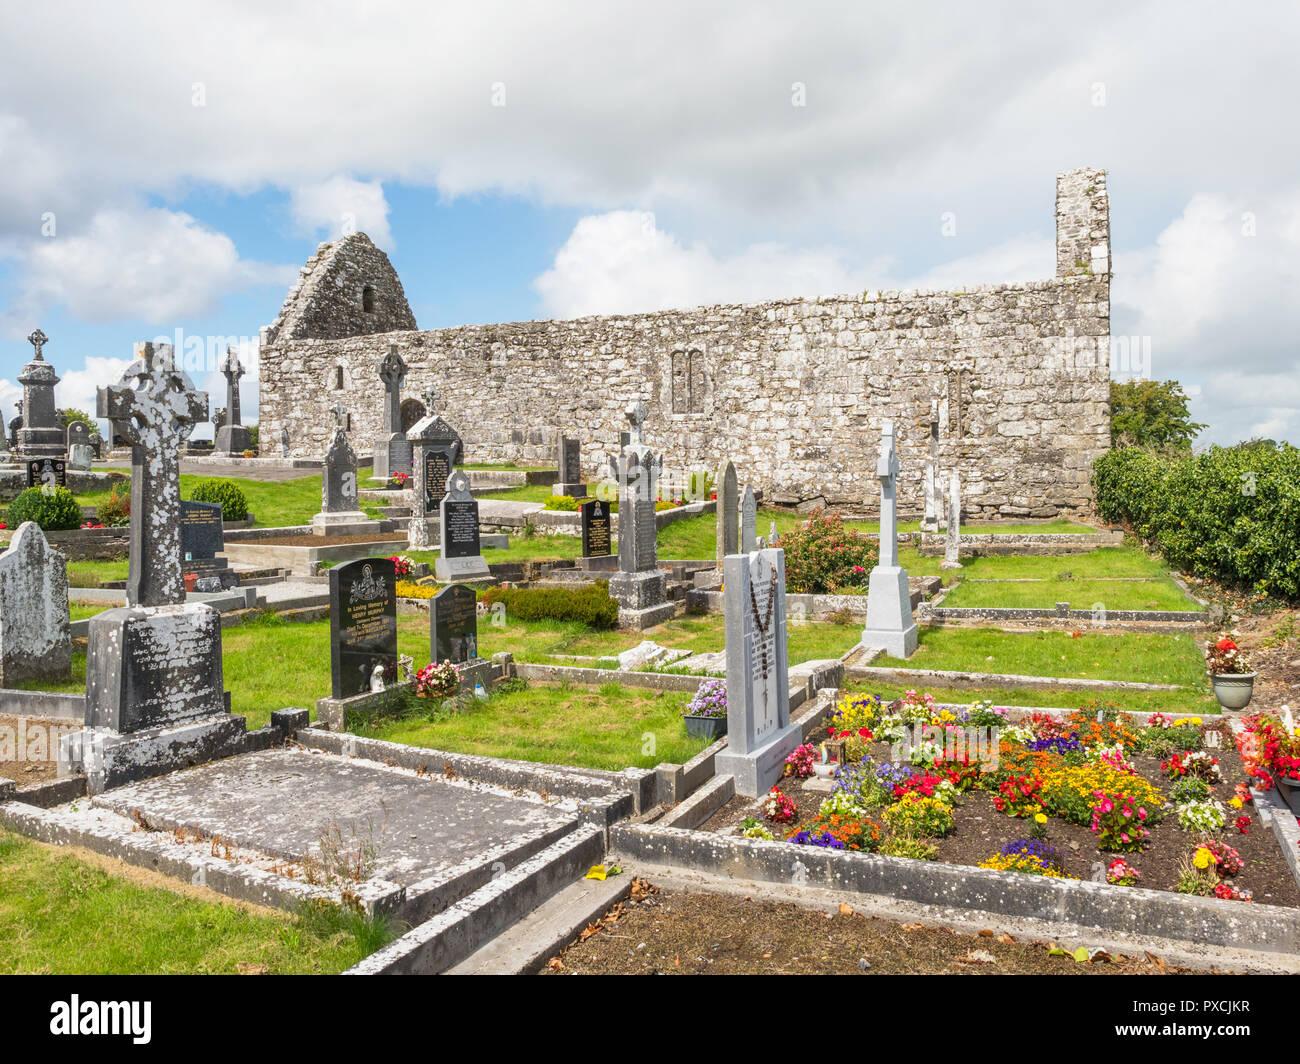 Galway singles looking for love - find it here! | EliteSingles